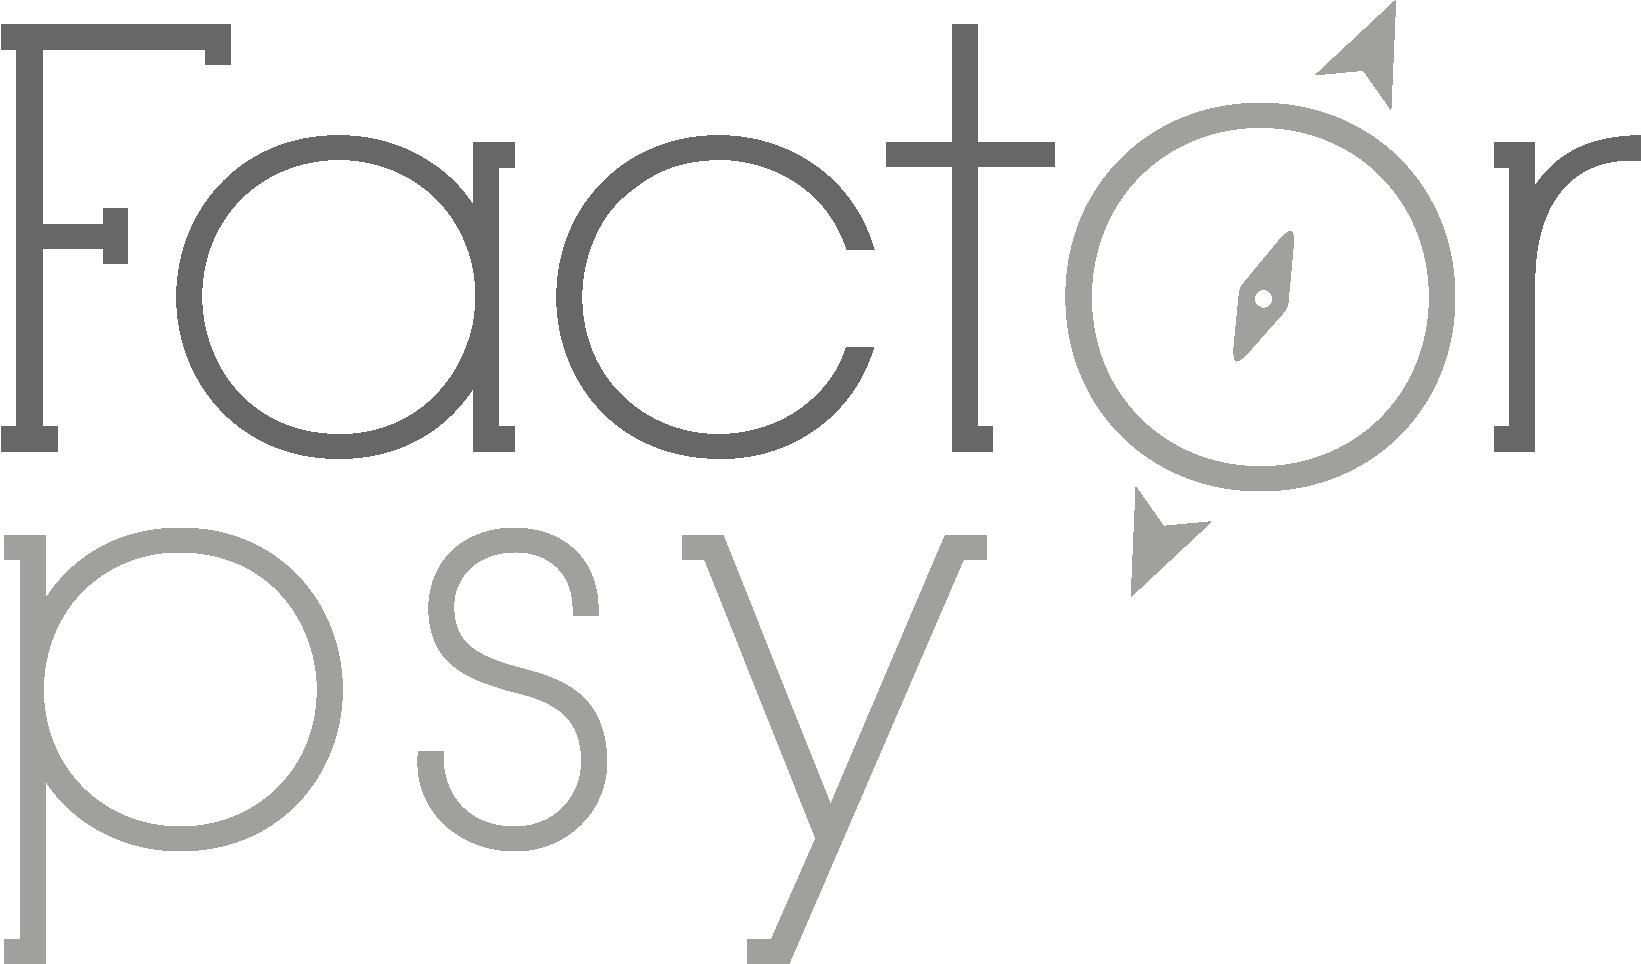 Factor psy